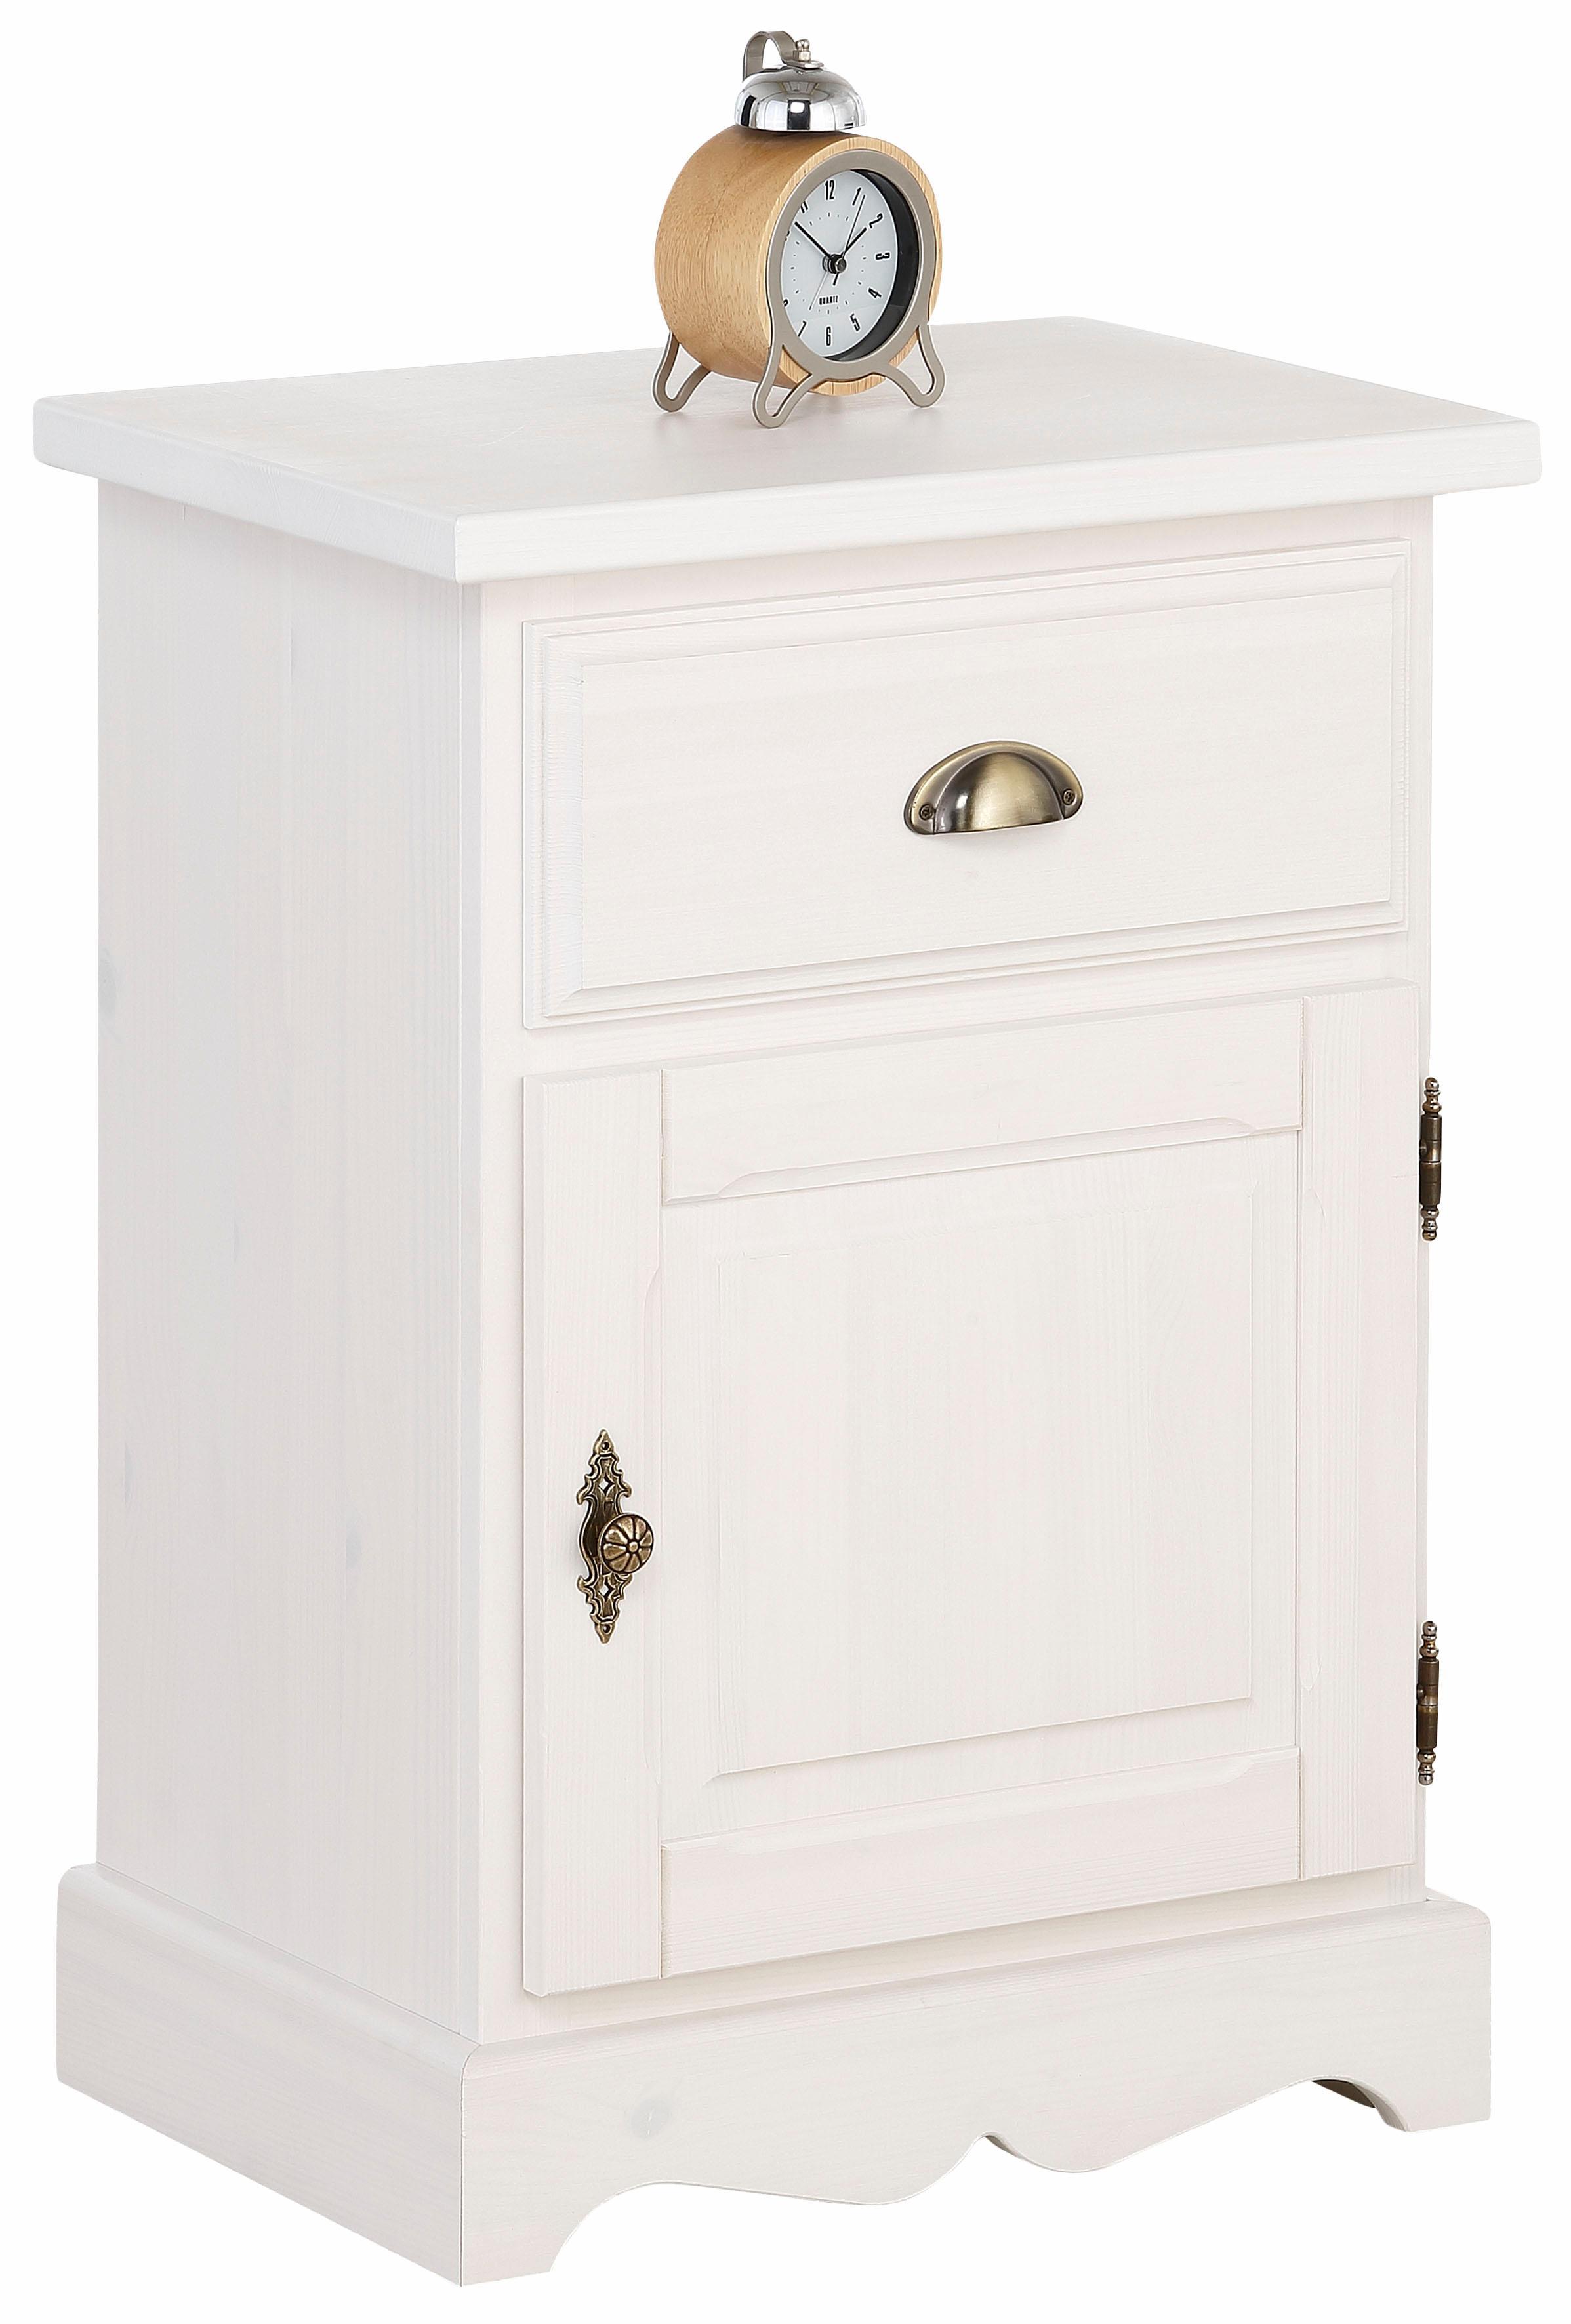 Home affaire Nachttisch Teo mit einer Tür und einer Schublade Breite 50 cm